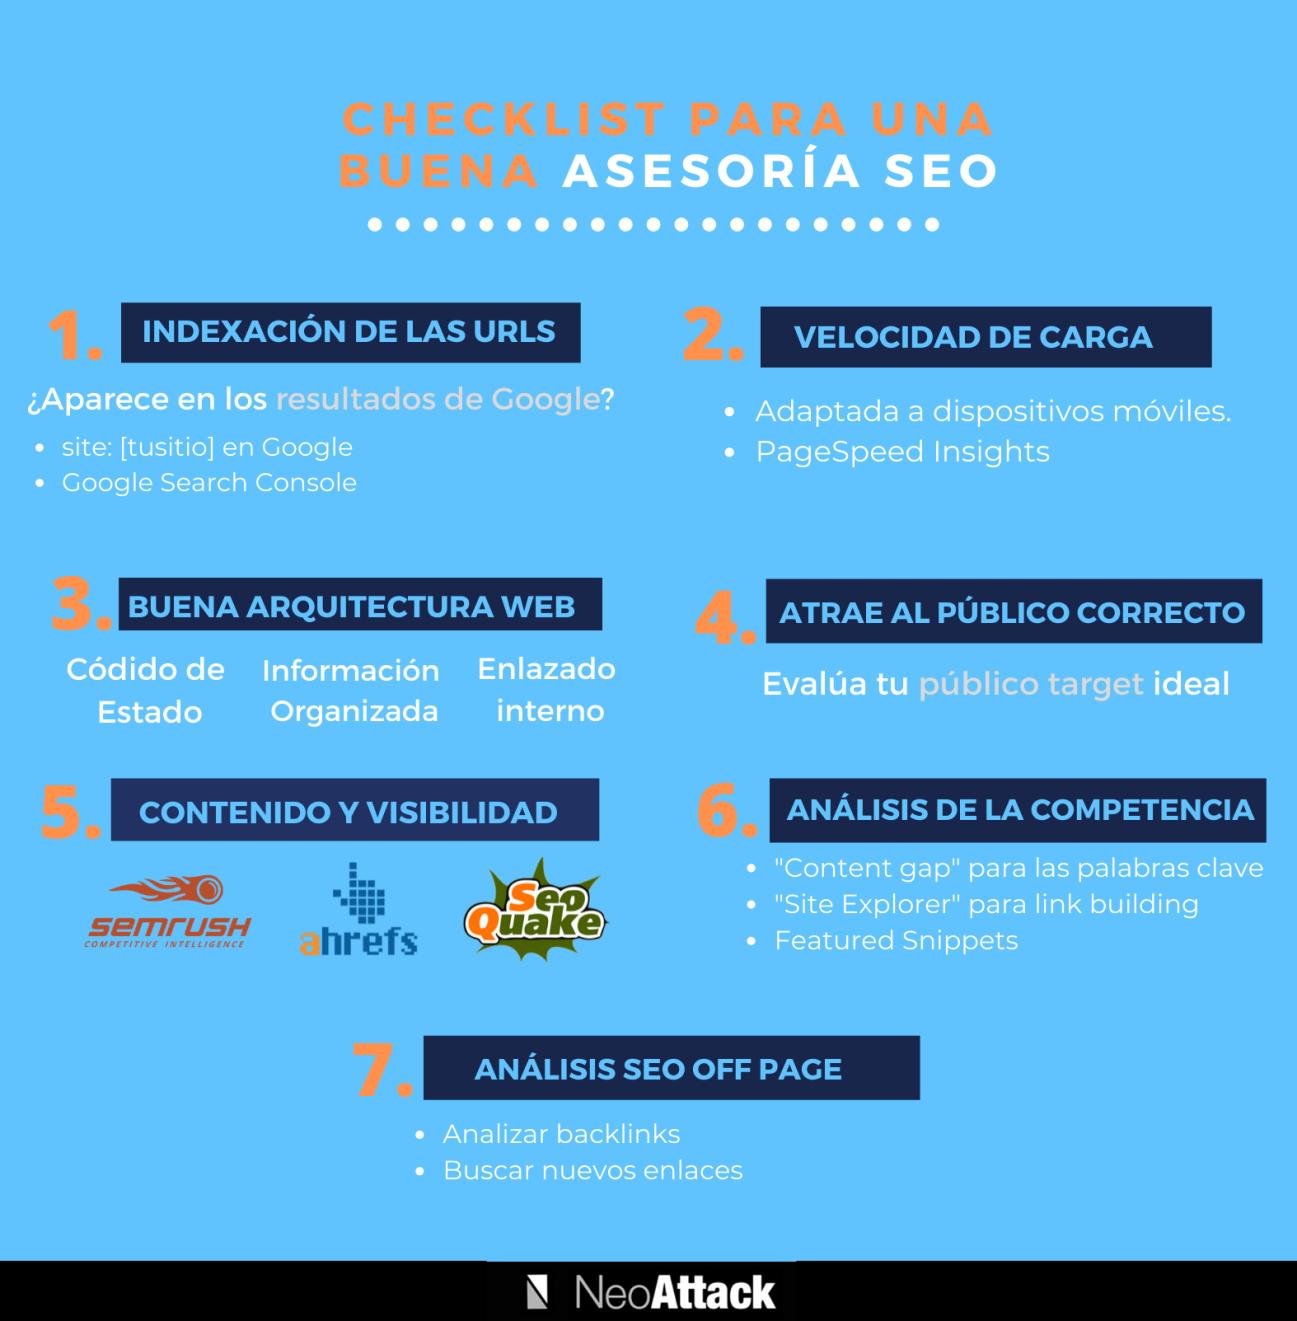 infografía para auditoría SEO